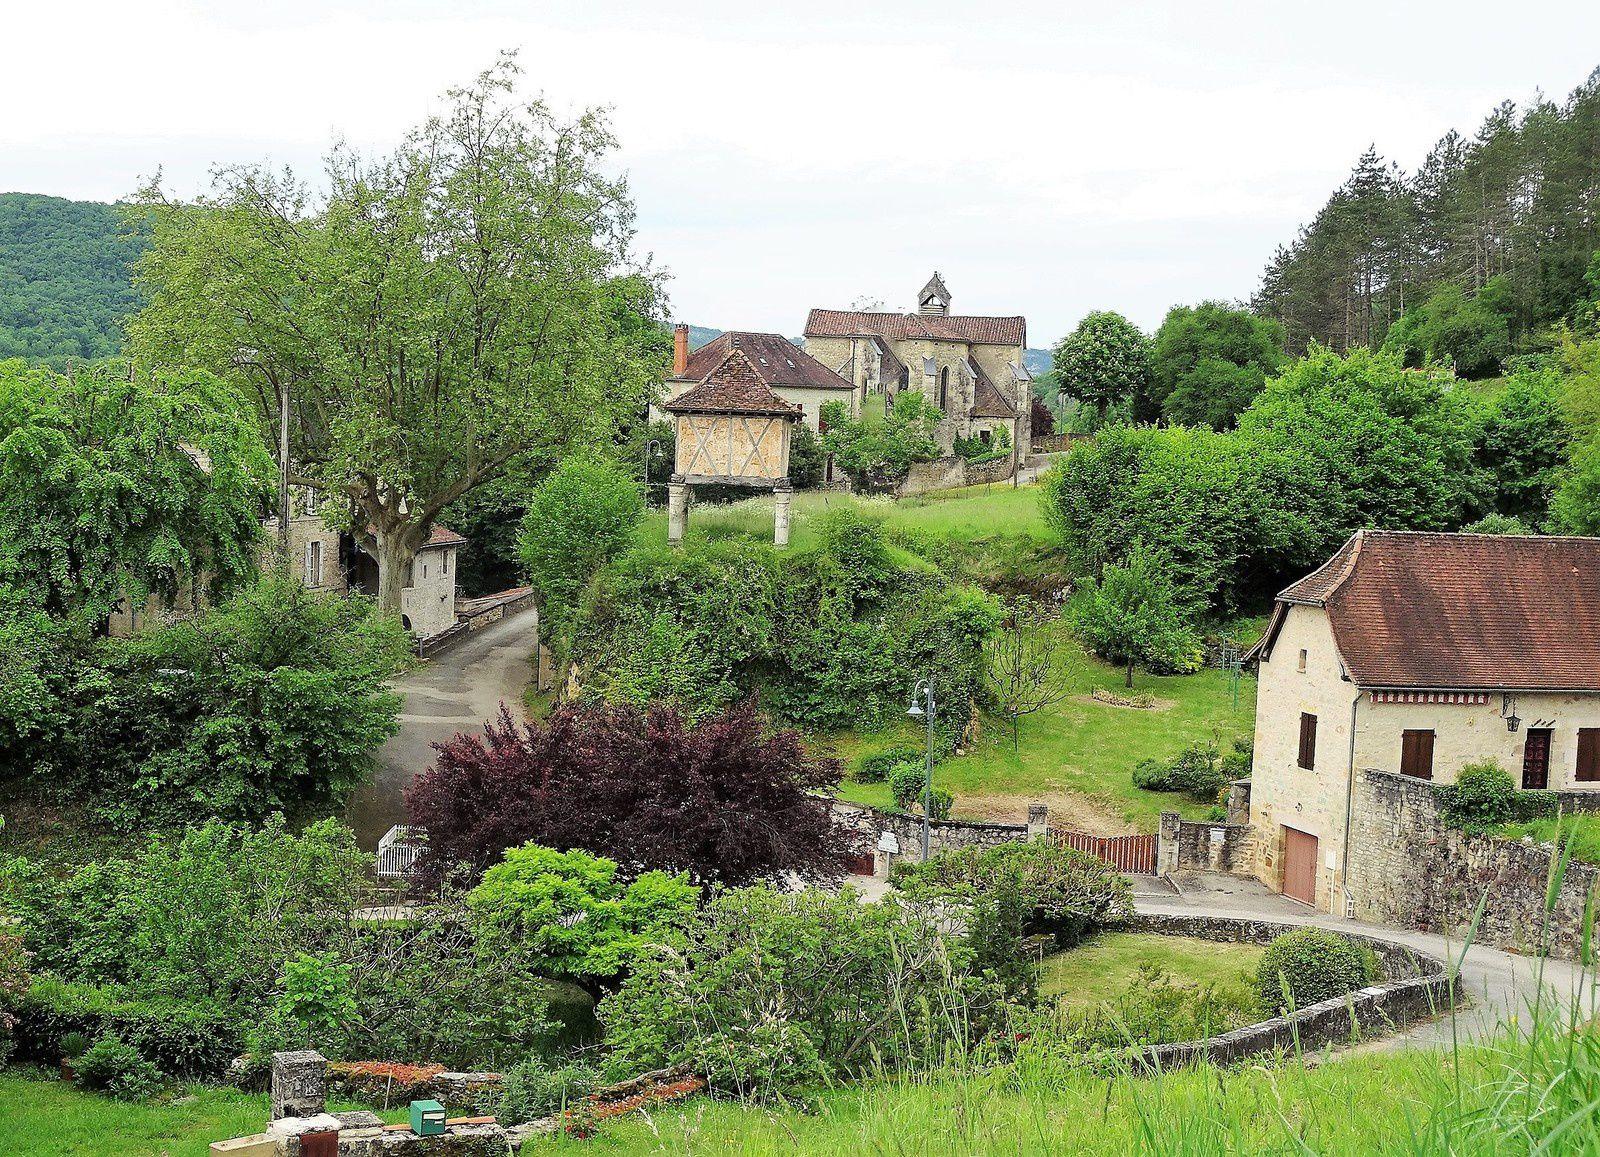 Larroque Toirac, il y a aussi un château mais il était en réfection lors de notre passage.